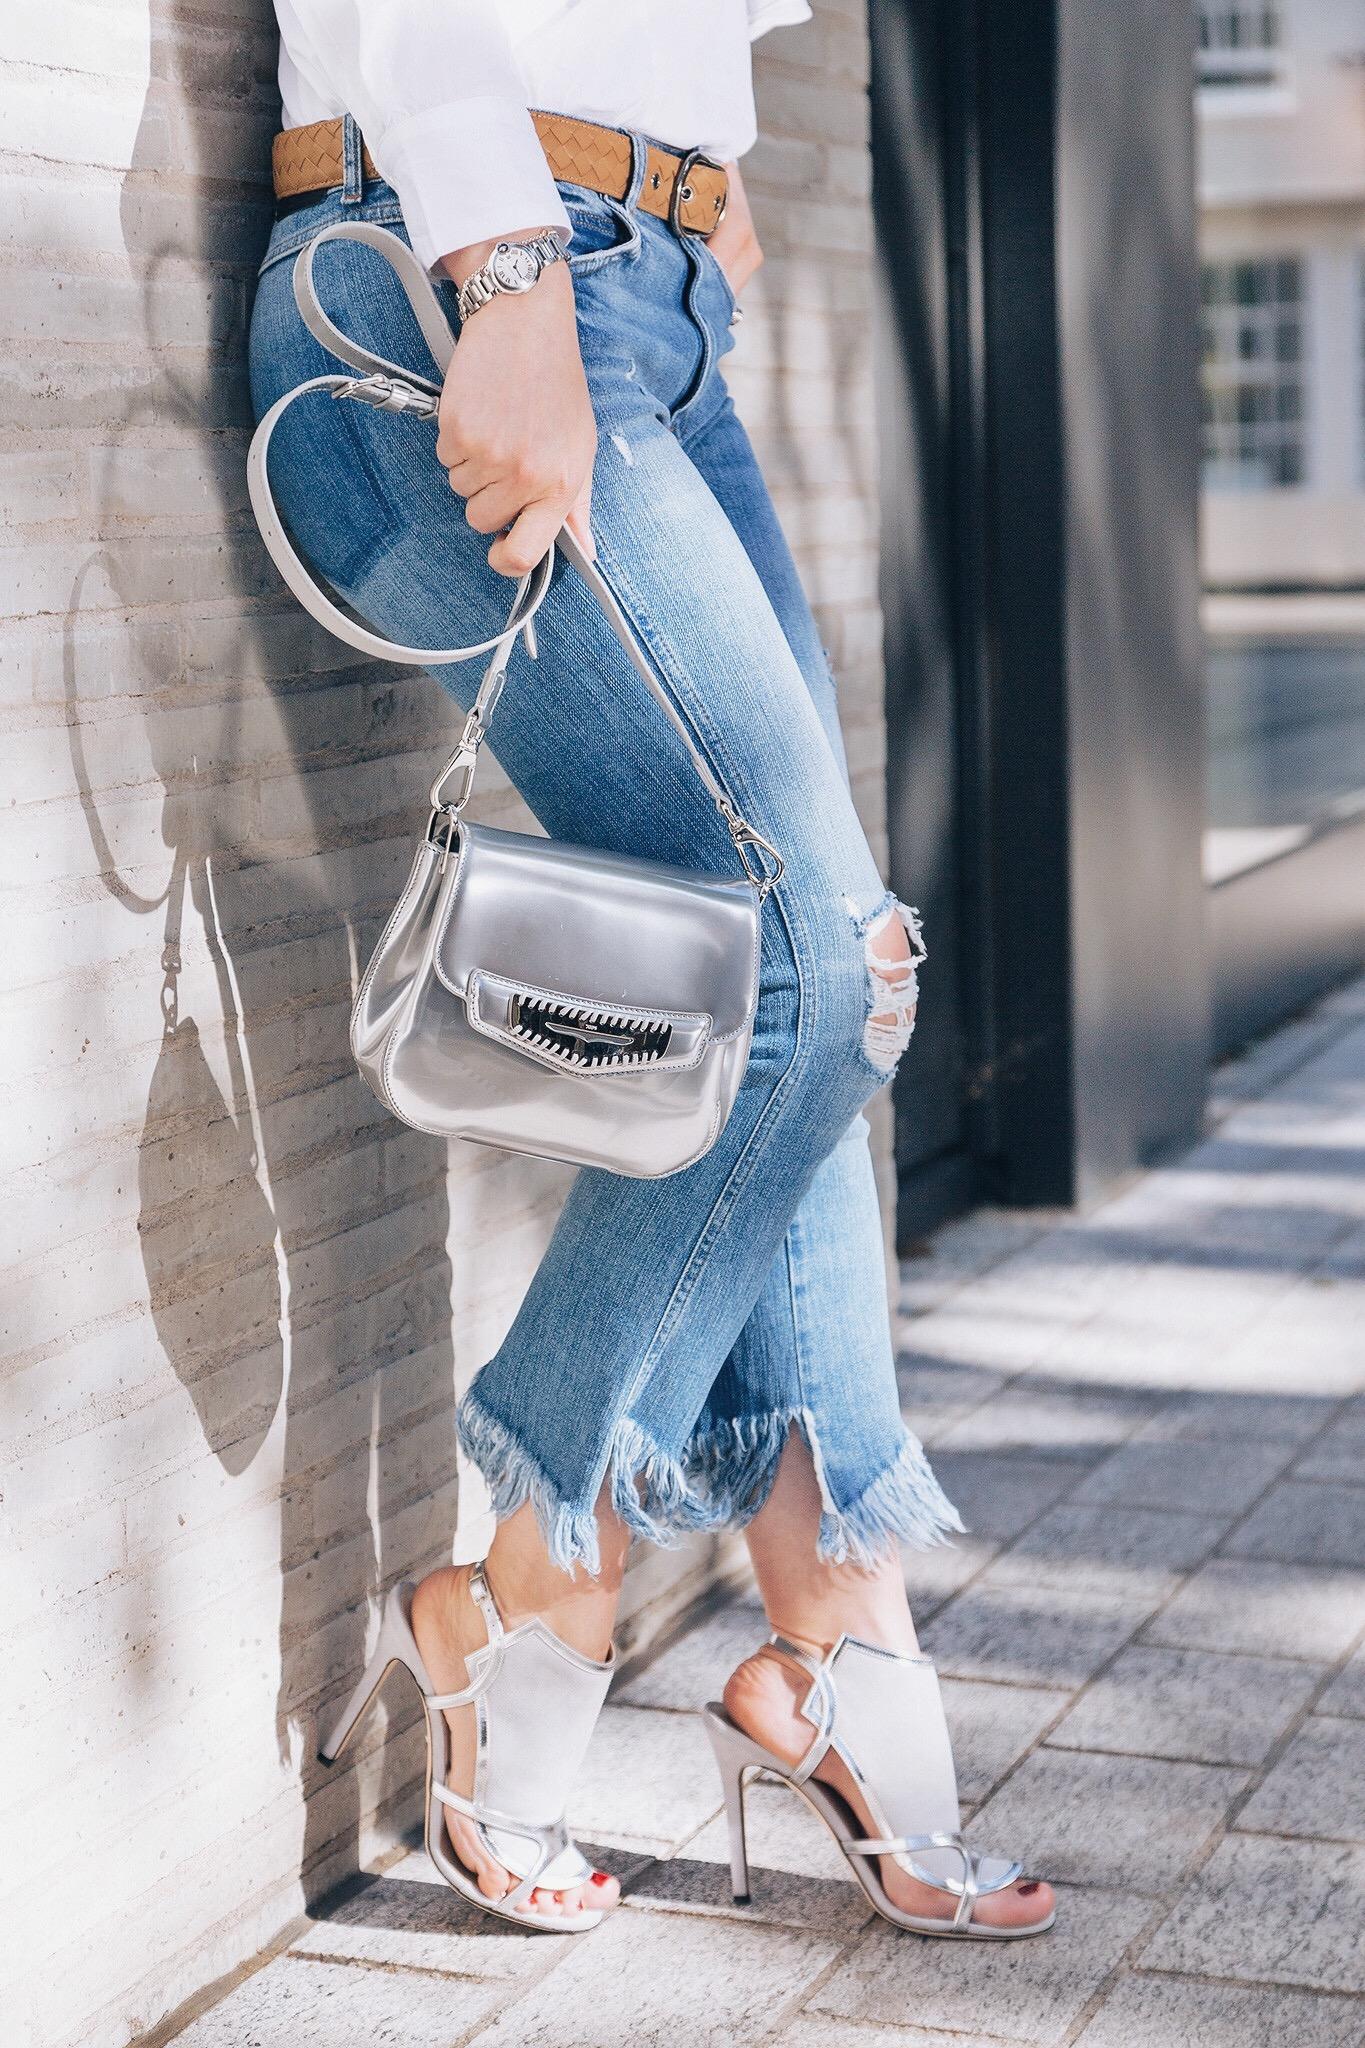 Silver designer handbag